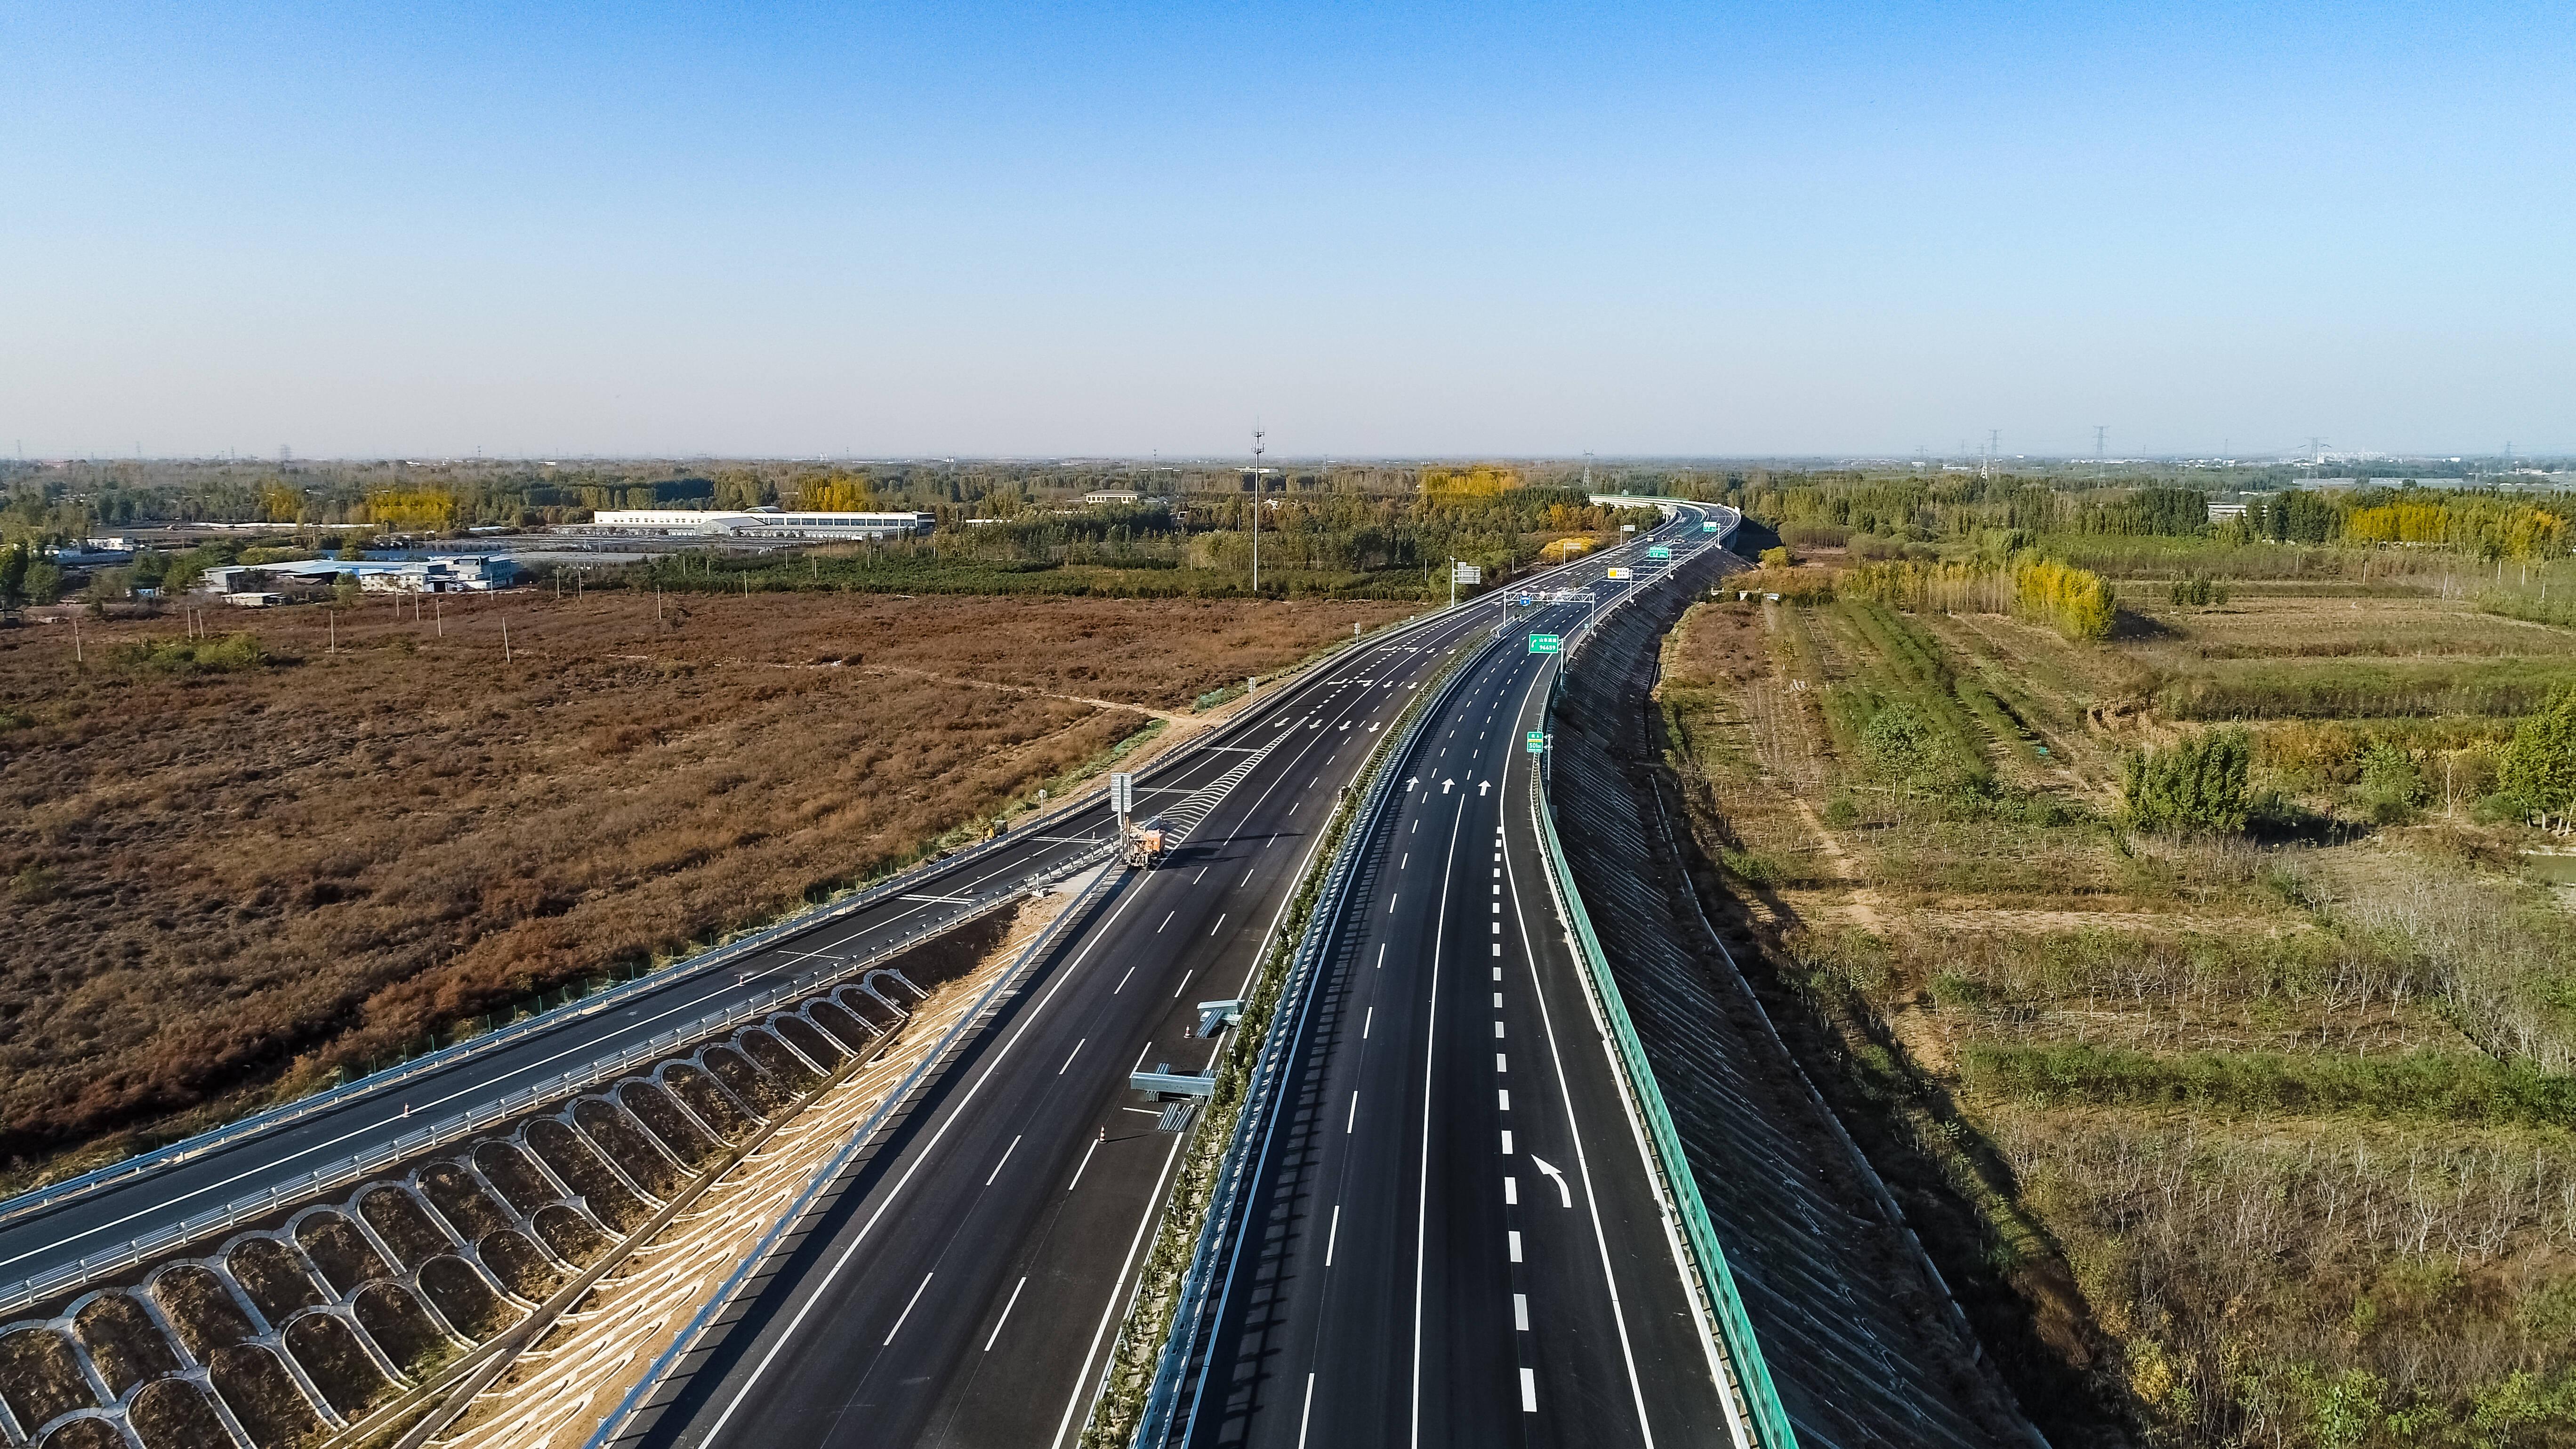 来了!济南大东环、京沪高速改扩建项目26日正式通车